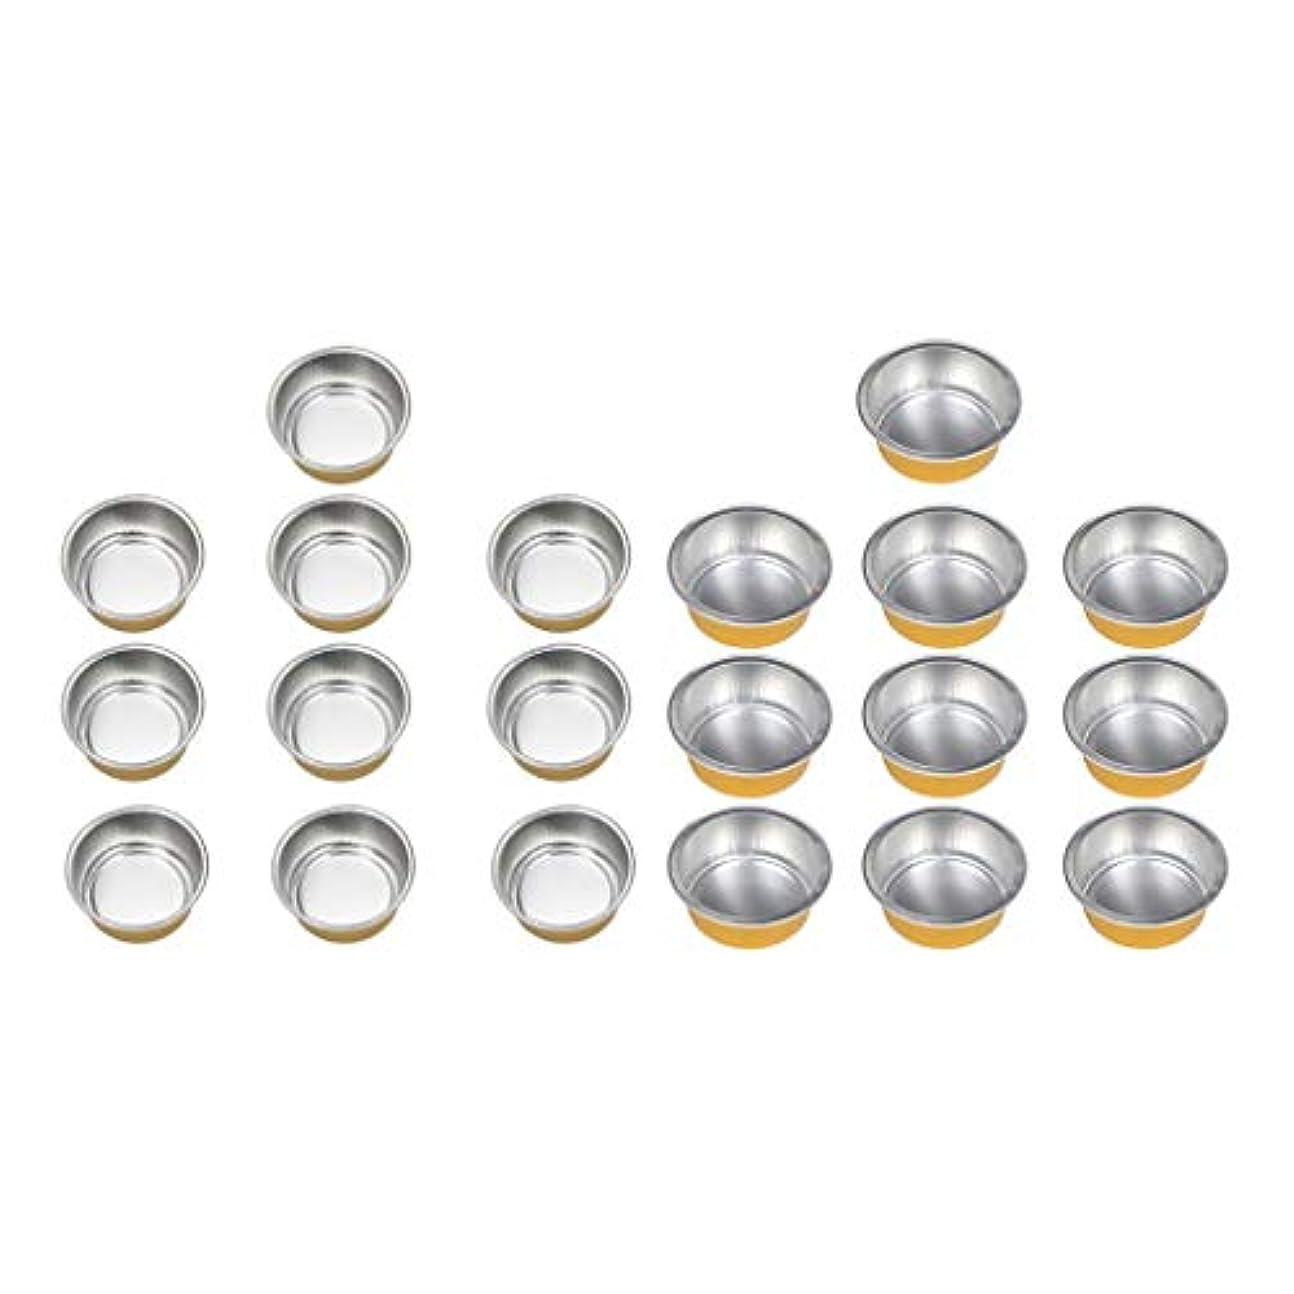 キャリッジバラ色枠B Blesiya 溶融ワックスボウル アルミ箔ボウル ミニボウル ラウンド 家庭用 美容室 約20個入